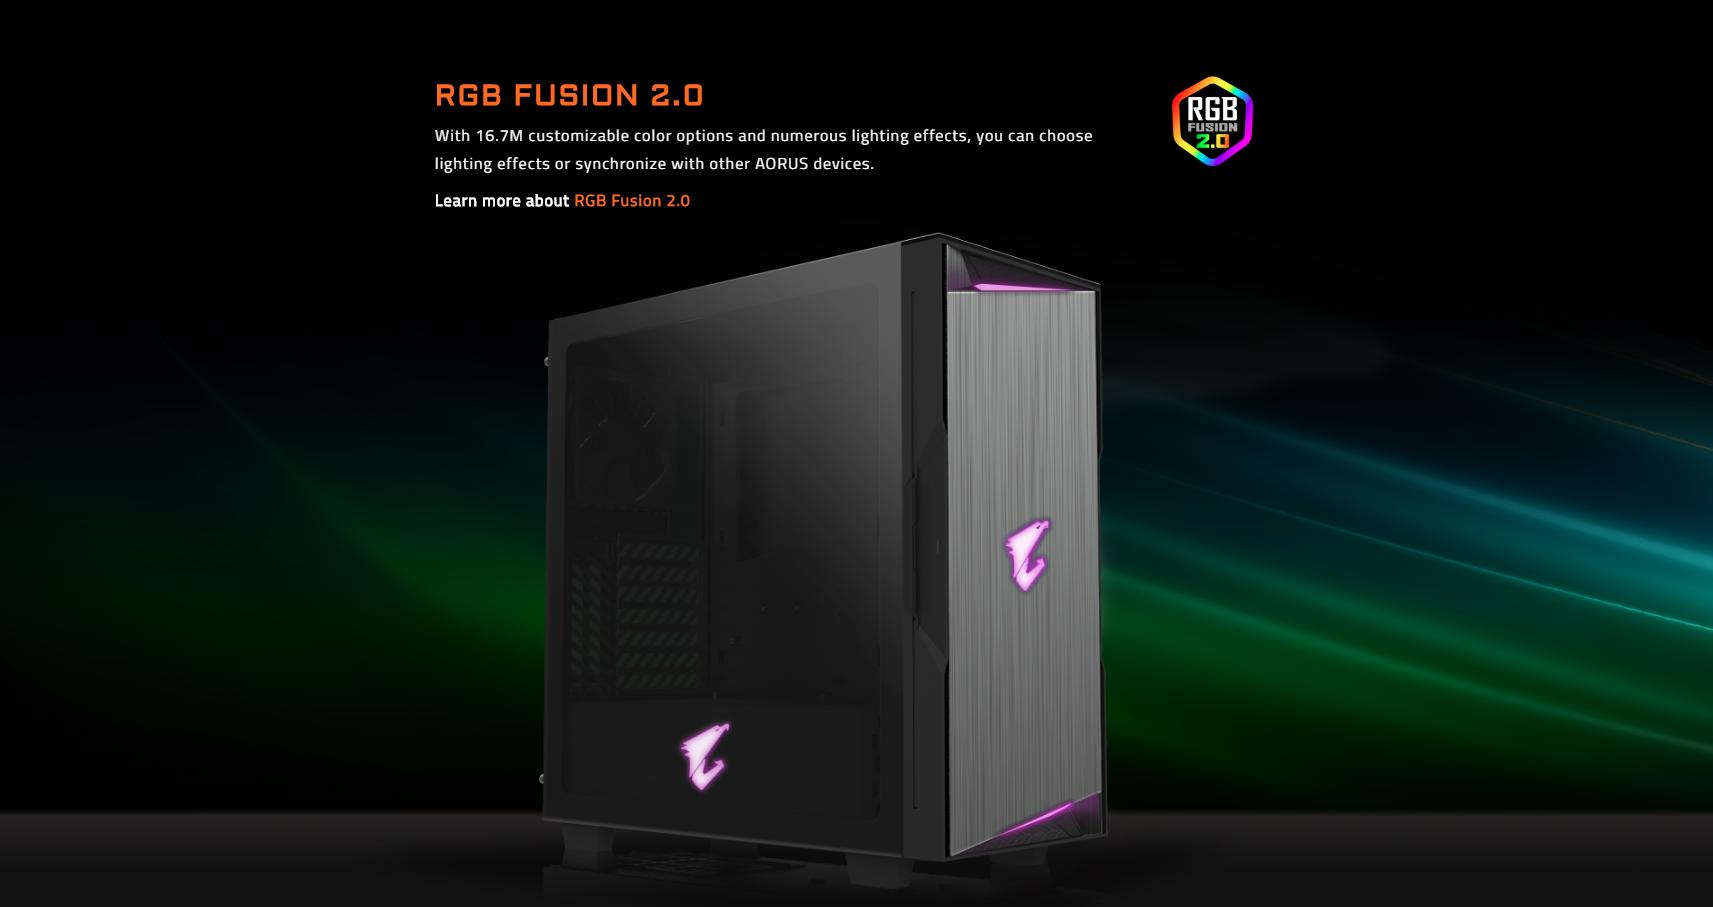 Vỏ Case Gigabyte GB-AC300G Tempered Glass Gaming (Mid Tower/Màu Đen/Led RGB) trang bị LED ở mặt trước và cạnh bên với Logo